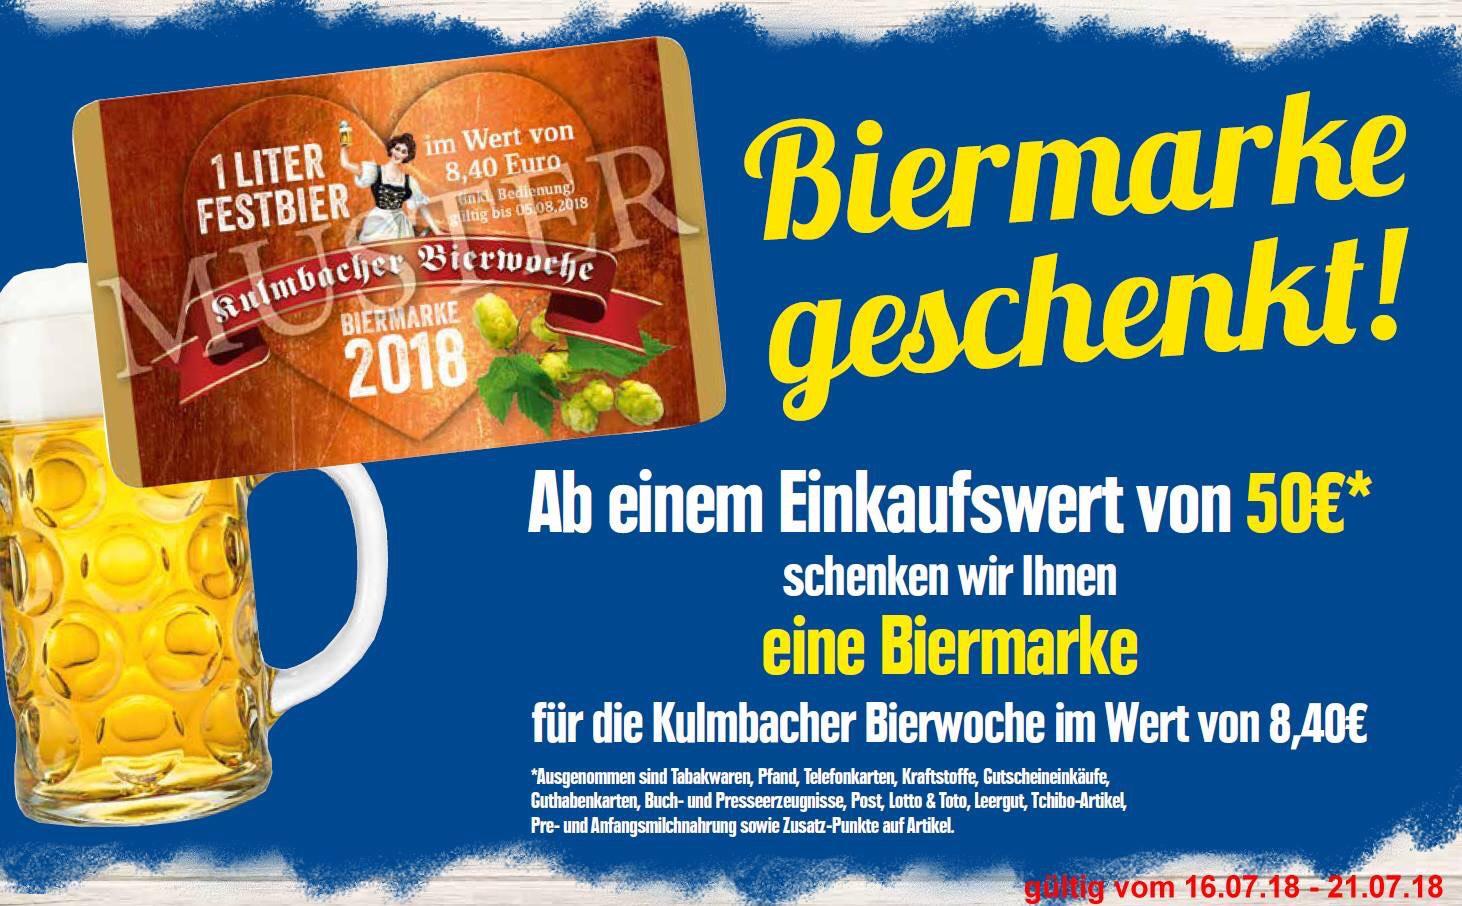 [lokal 95326 Kulmbach] Biermarke im Wert von 8,40€ geschenkt ab 50€ Einkauf